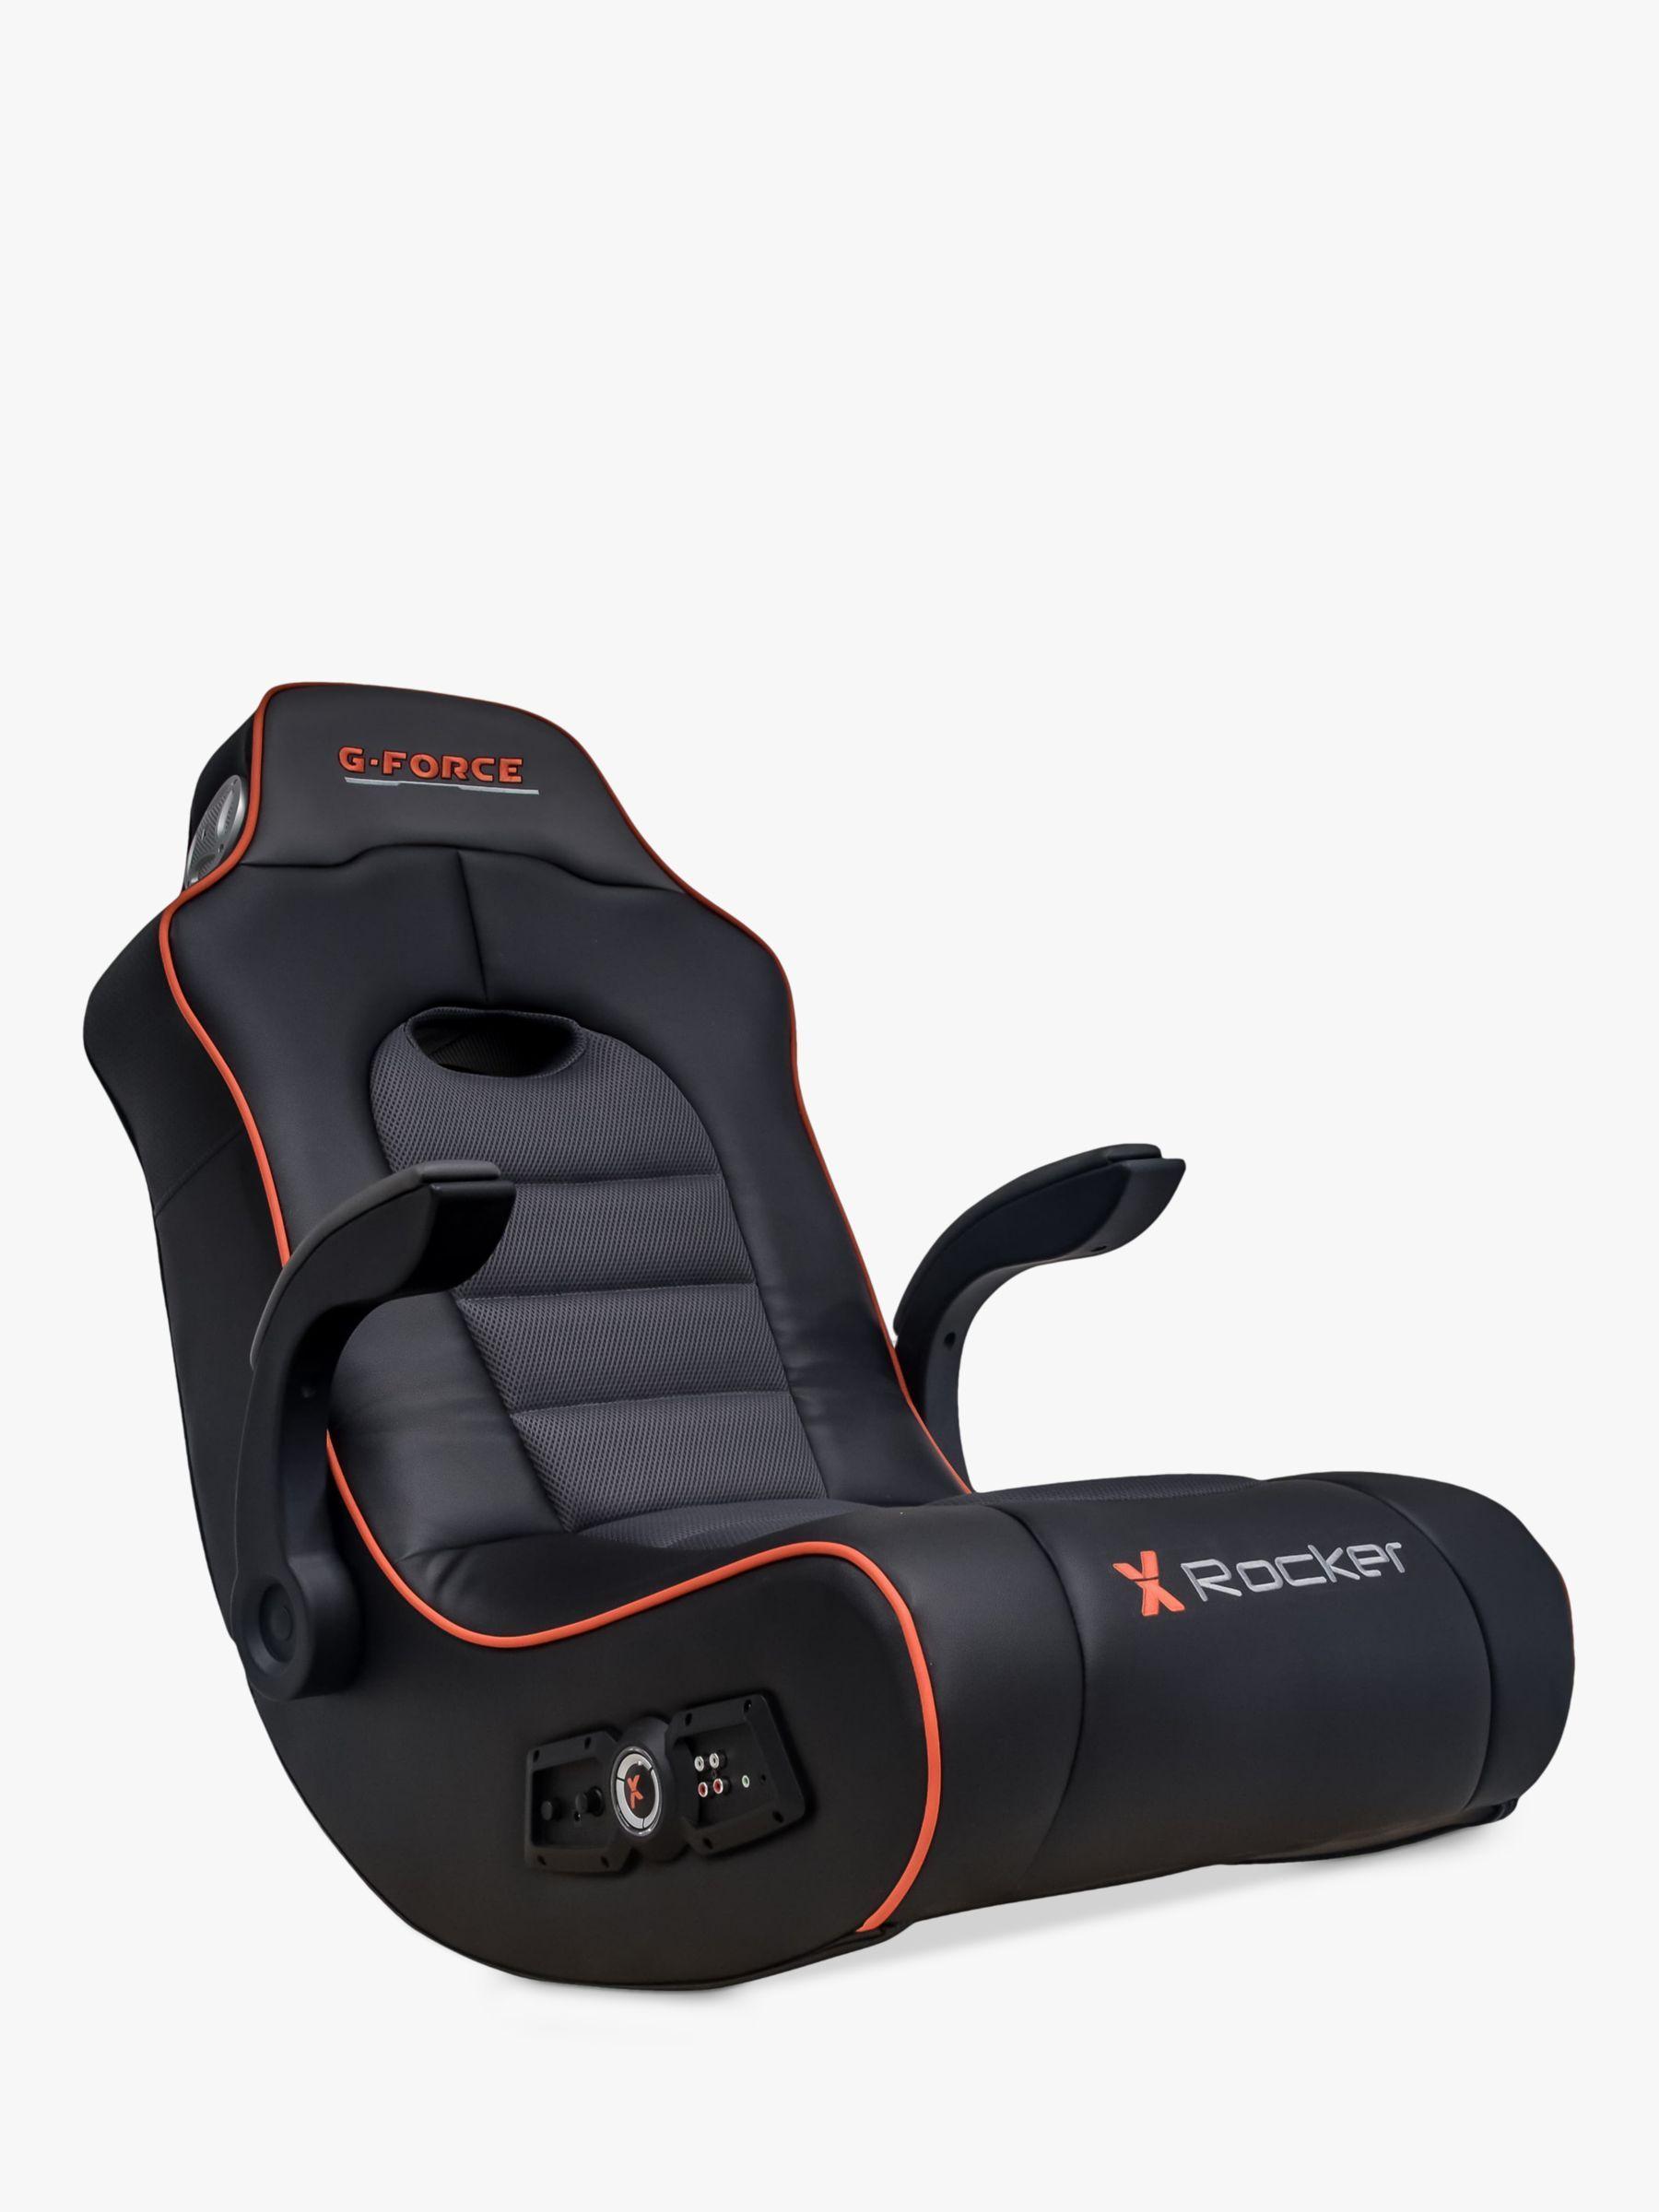 X Rocker GForce 2.1 Audio Floor Rocker Gaming Chair